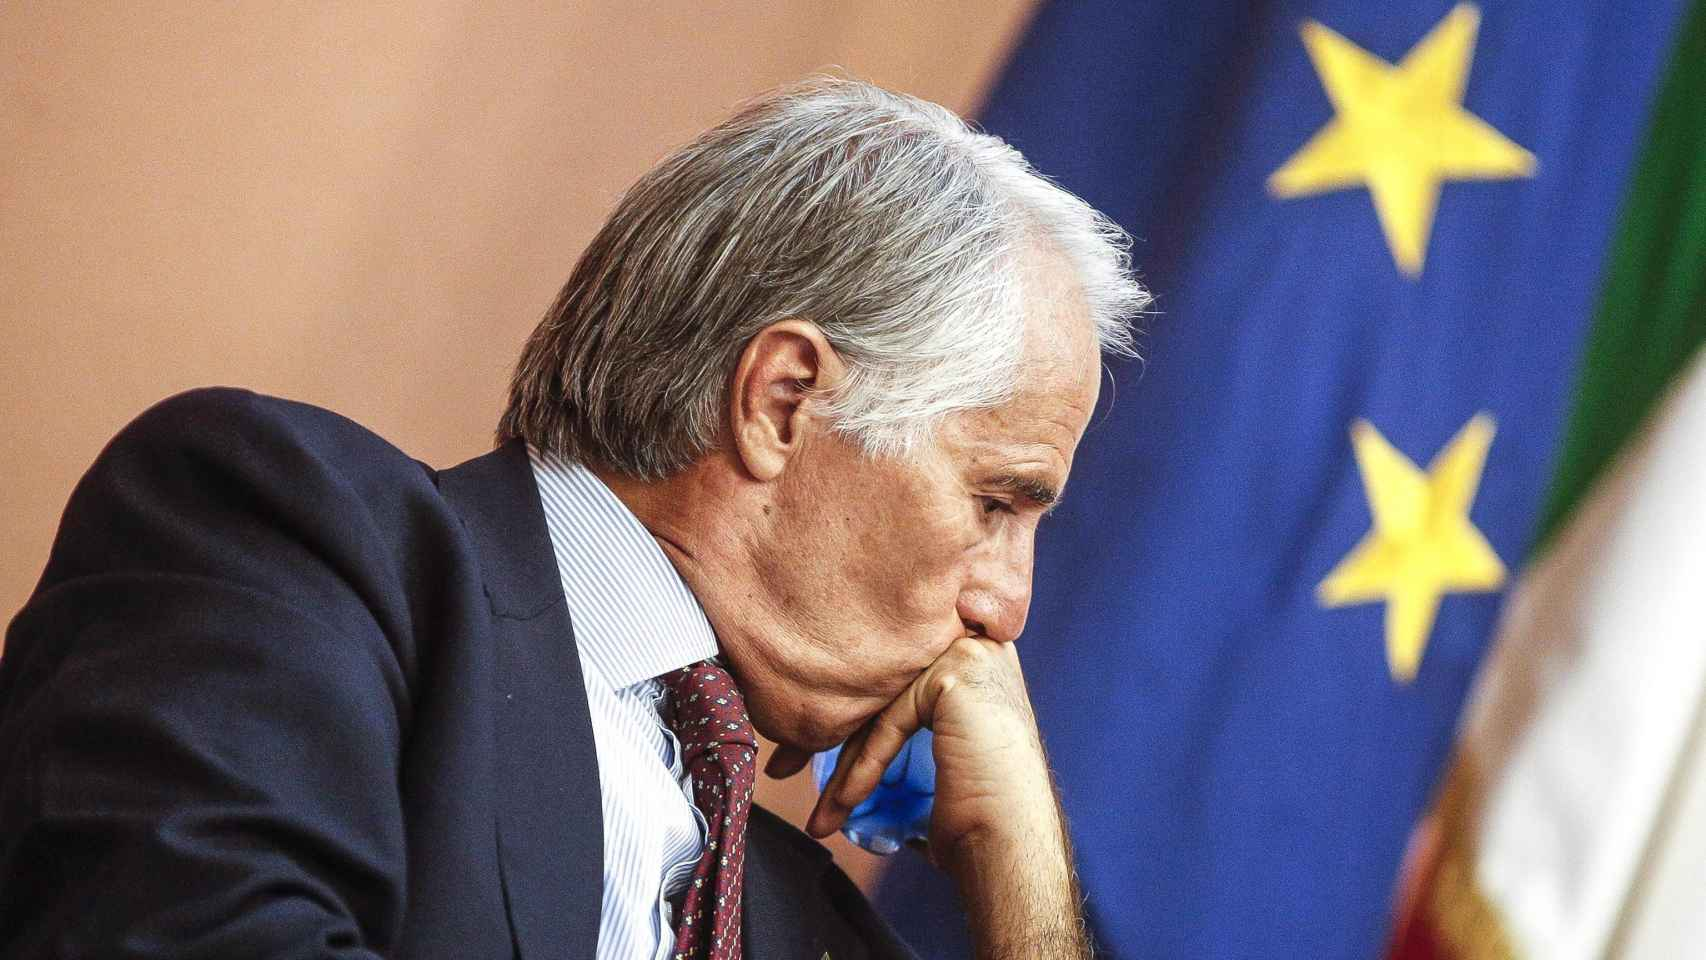 El presidente del Comité Olímpico Italiano, Giovanni Malagò